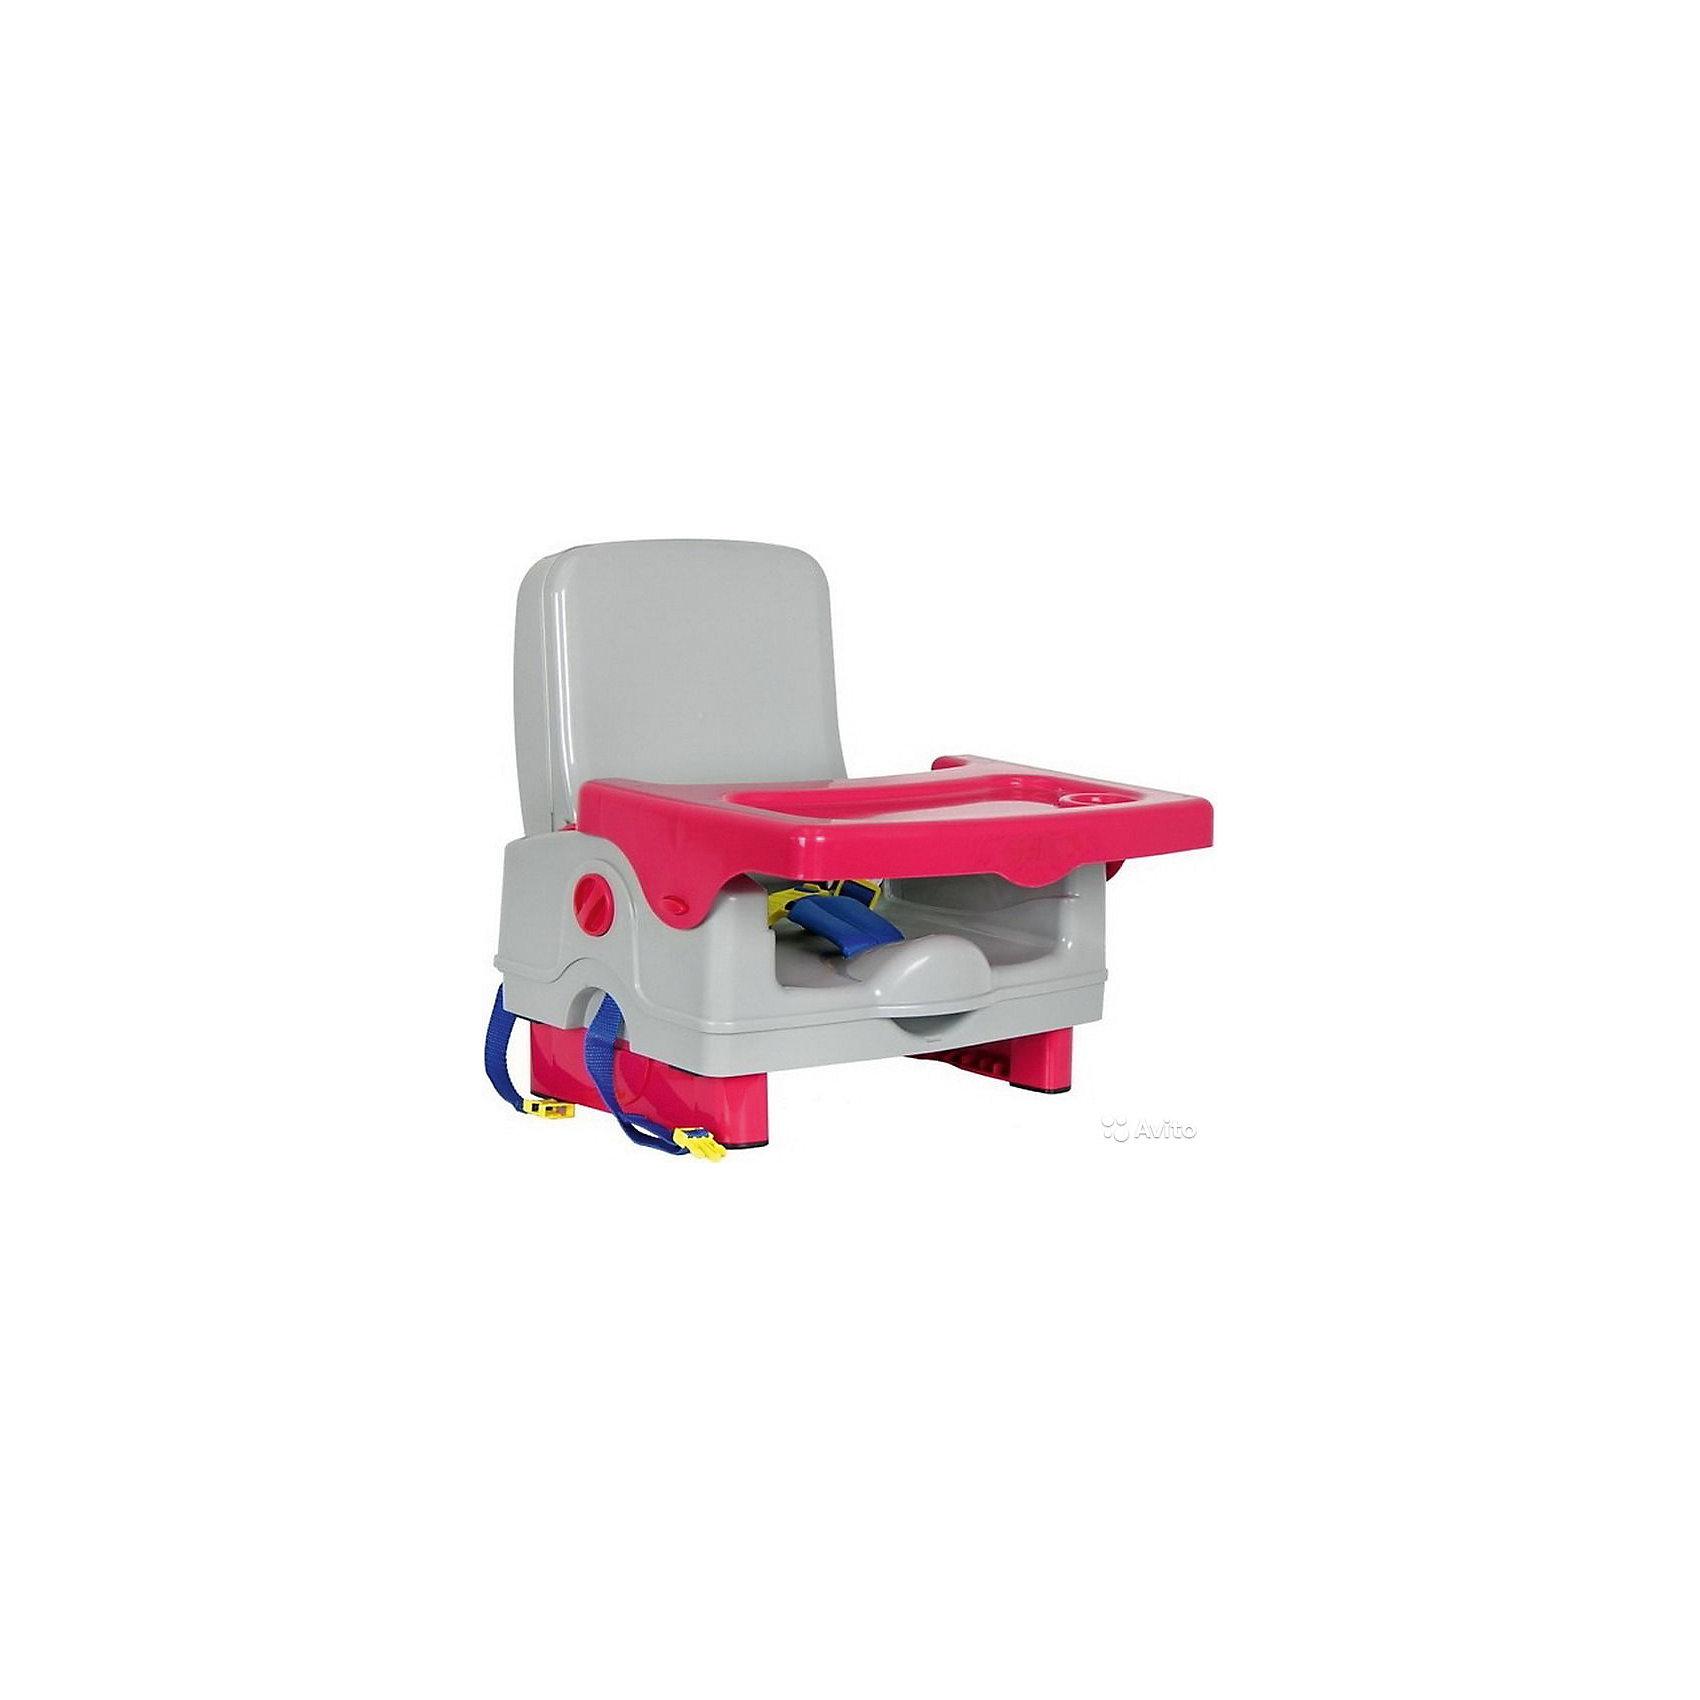 Стульчик для кормления BH-410 Selby, серый/красныйСтульчики для кормления<br>Характеристики стульчика для кормления BH-410 Selby:<br><br>• стульчик устанавливается на обычный стул со спинкой;<br>• способ крепления: с помощью специальных ремней, которые оснащены карабинами;<br>• имеется столик, который можно снять и вымыть;<br>• столешница оснащена бортиками и углублением для поильника-чашки-бутылочки;<br>• 3-х точечные ремни безопасности регулируются по длине, надежно защищают кроху во время пребывания в стульчике;<br>• стульчик складывается очень компактно, в сложенном виде представляет собой чемоданчик с ручкой для переноса;<br>• на спинке стульчика имеется ящик для мелких аксессуаров;<br>• откидывается спинка и ножки;<br>• материал: пластик.<br><br>Размеры: <br><br>• размер стульчика: 42,5х38х39,5 см;<br>• размер чемоданчика (стульчик в сложенном виде): 40х20х31 см;<br>• размер столешницы: 38,5х27,5 см;<br>• вес стульчика: 2,6 кг;<br>• вес в упаковке: 3 кг.<br><br>Стульчик для кормления BH-410 Selby, серый/красный можно купить в нашем интернет-магазине.<br><br>Ширина мм: 370<br>Глубина мм: 330<br>Высота мм: 390<br>Вес г: 3000<br>Возраст от месяцев: 6<br>Возраст до месяцев: 36<br>Пол: Унисекс<br>Возраст: Детский<br>SKU: 5197369